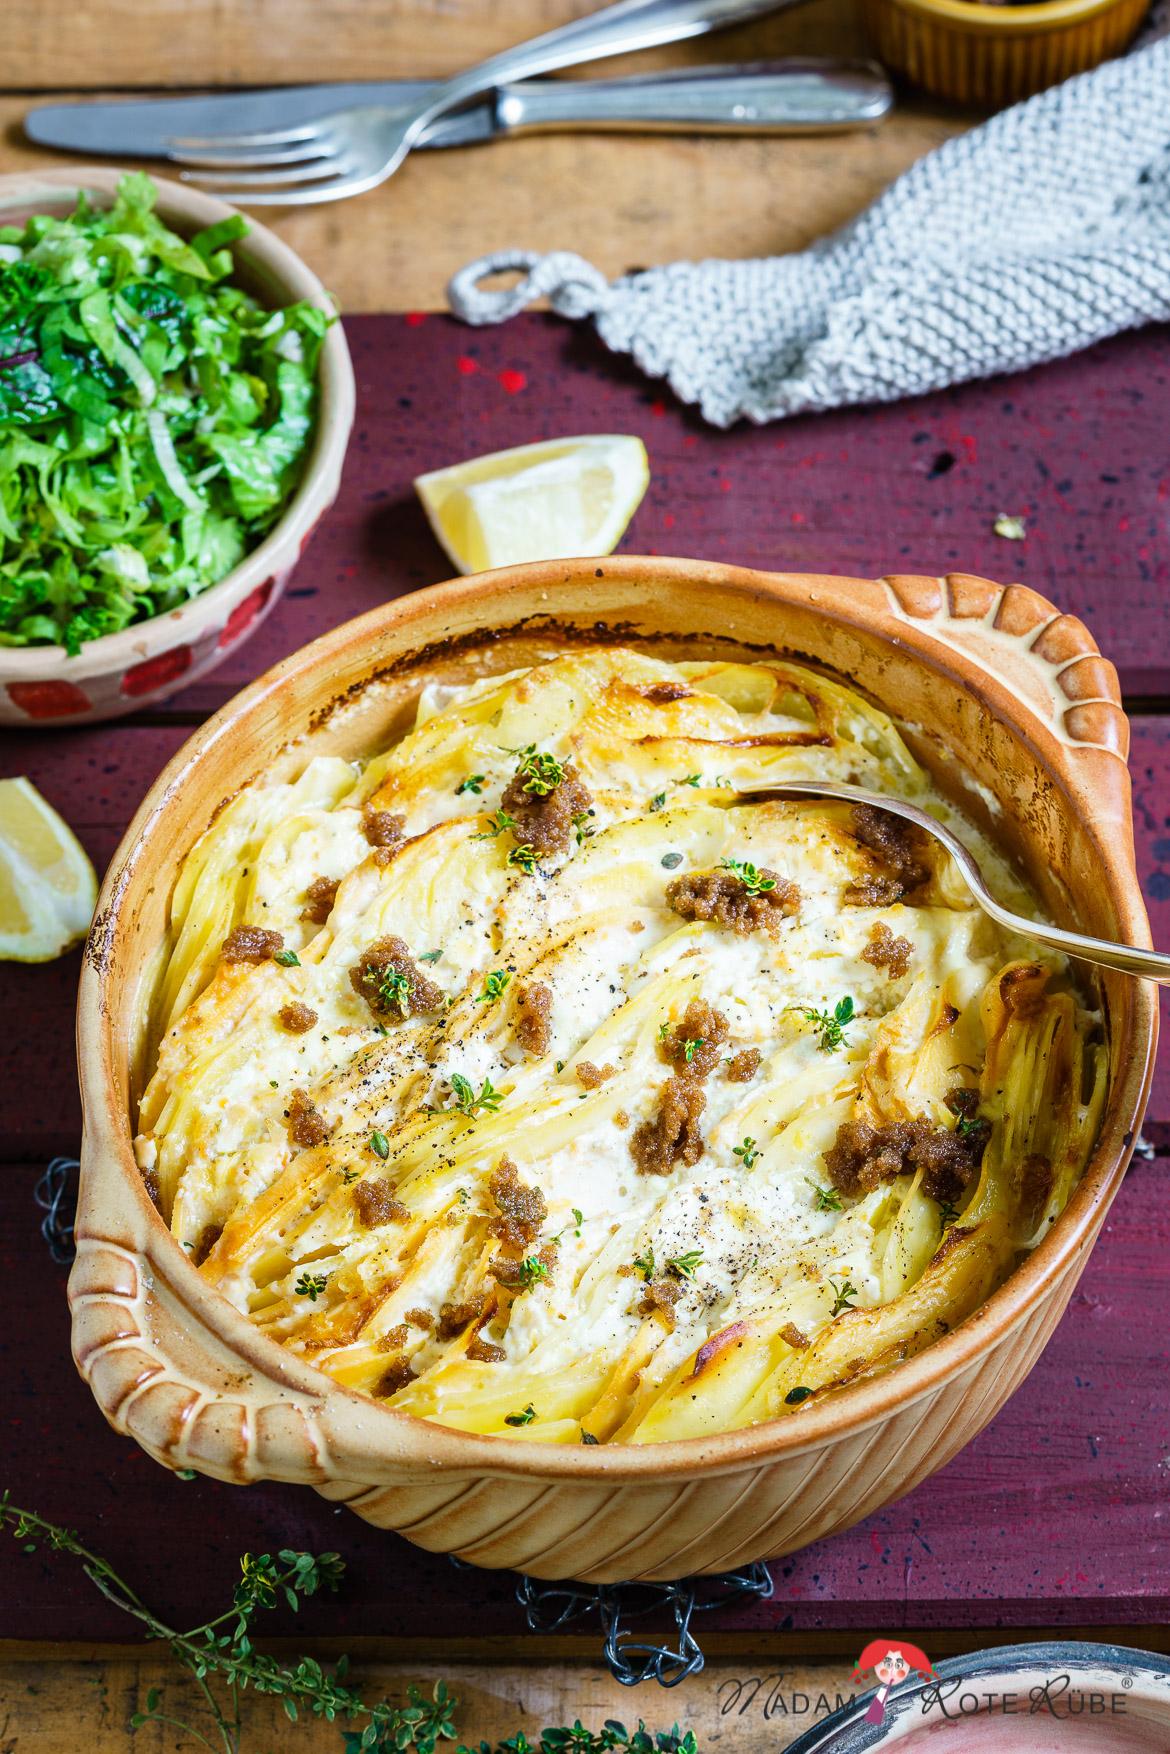 Madam Rote Rübe - Kartoffel-Steckrüben-Gratin mit Zitronensauce und Thymianbrösel